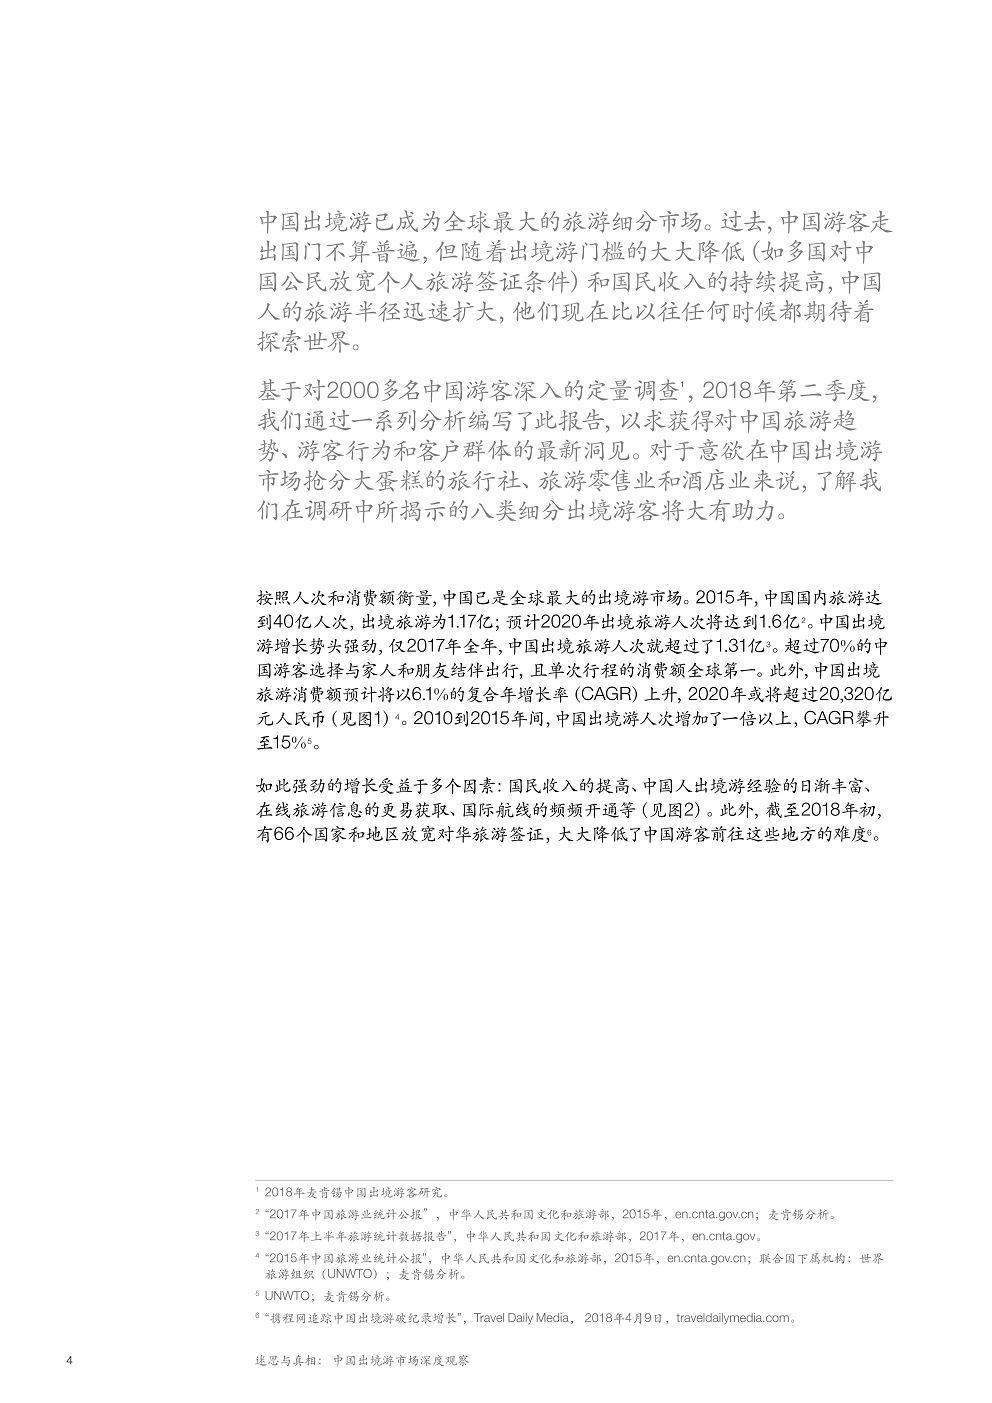 McK_China-tourism-report-2018_CN_08